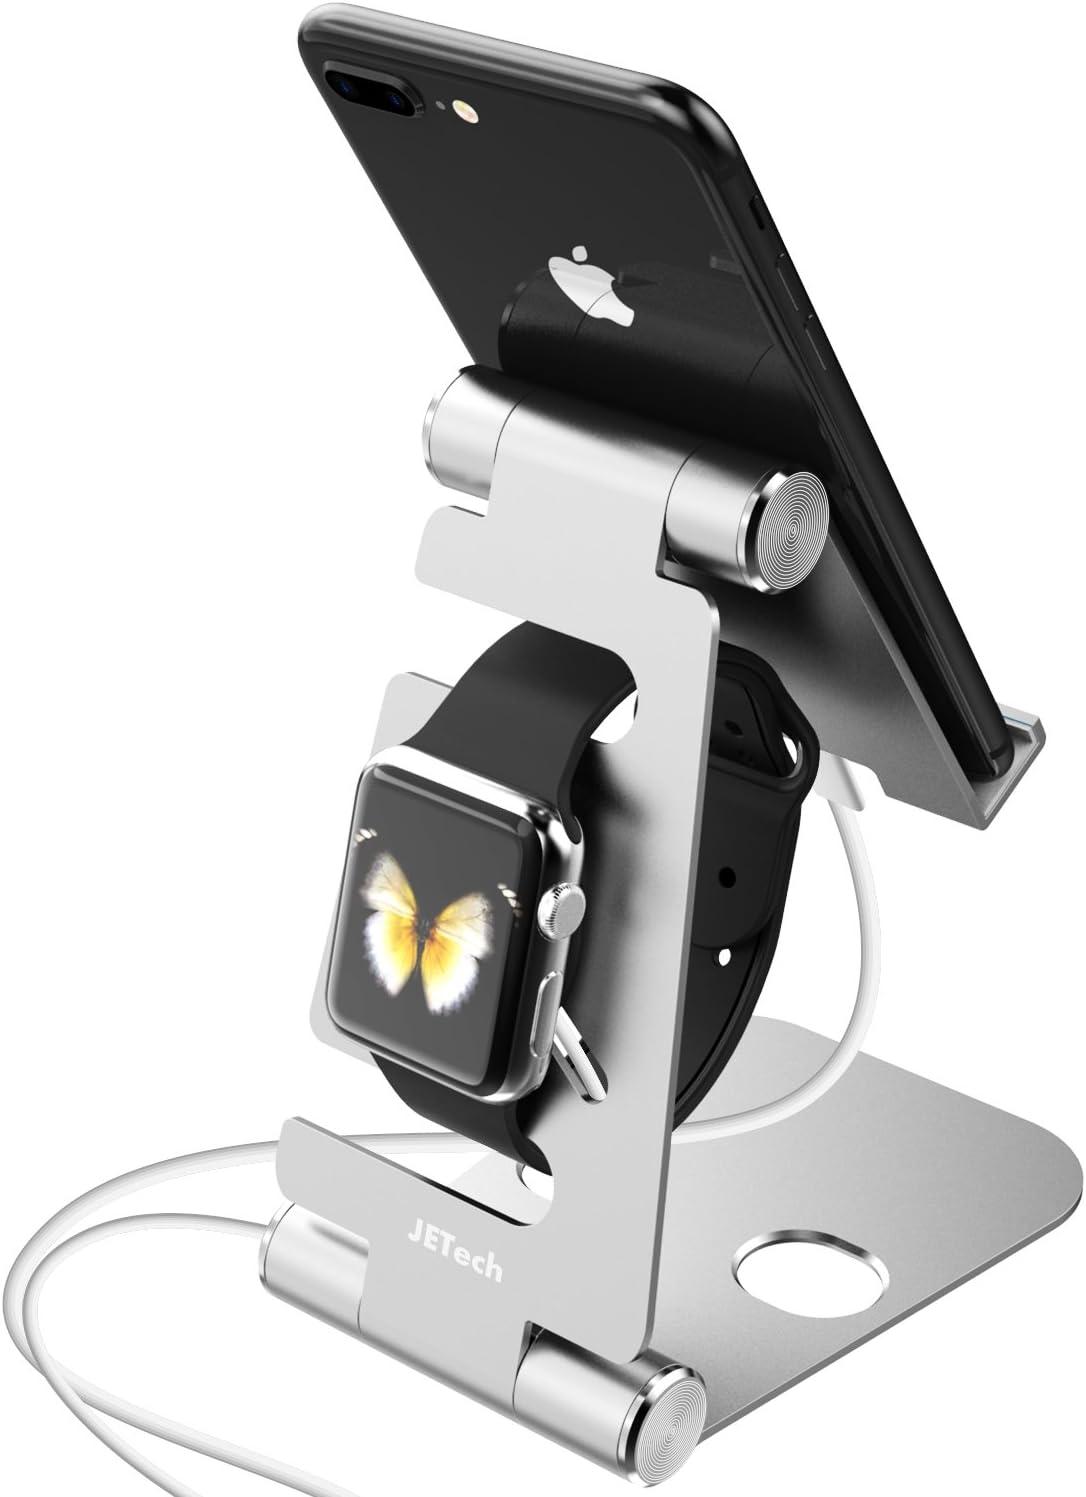 JETech Soporte Móvil Universal con 2 en 1 Compatible para Teléfono Móvil y Apple Watch, la Base de Carga con Multi-ángulo Ajustable, Plata